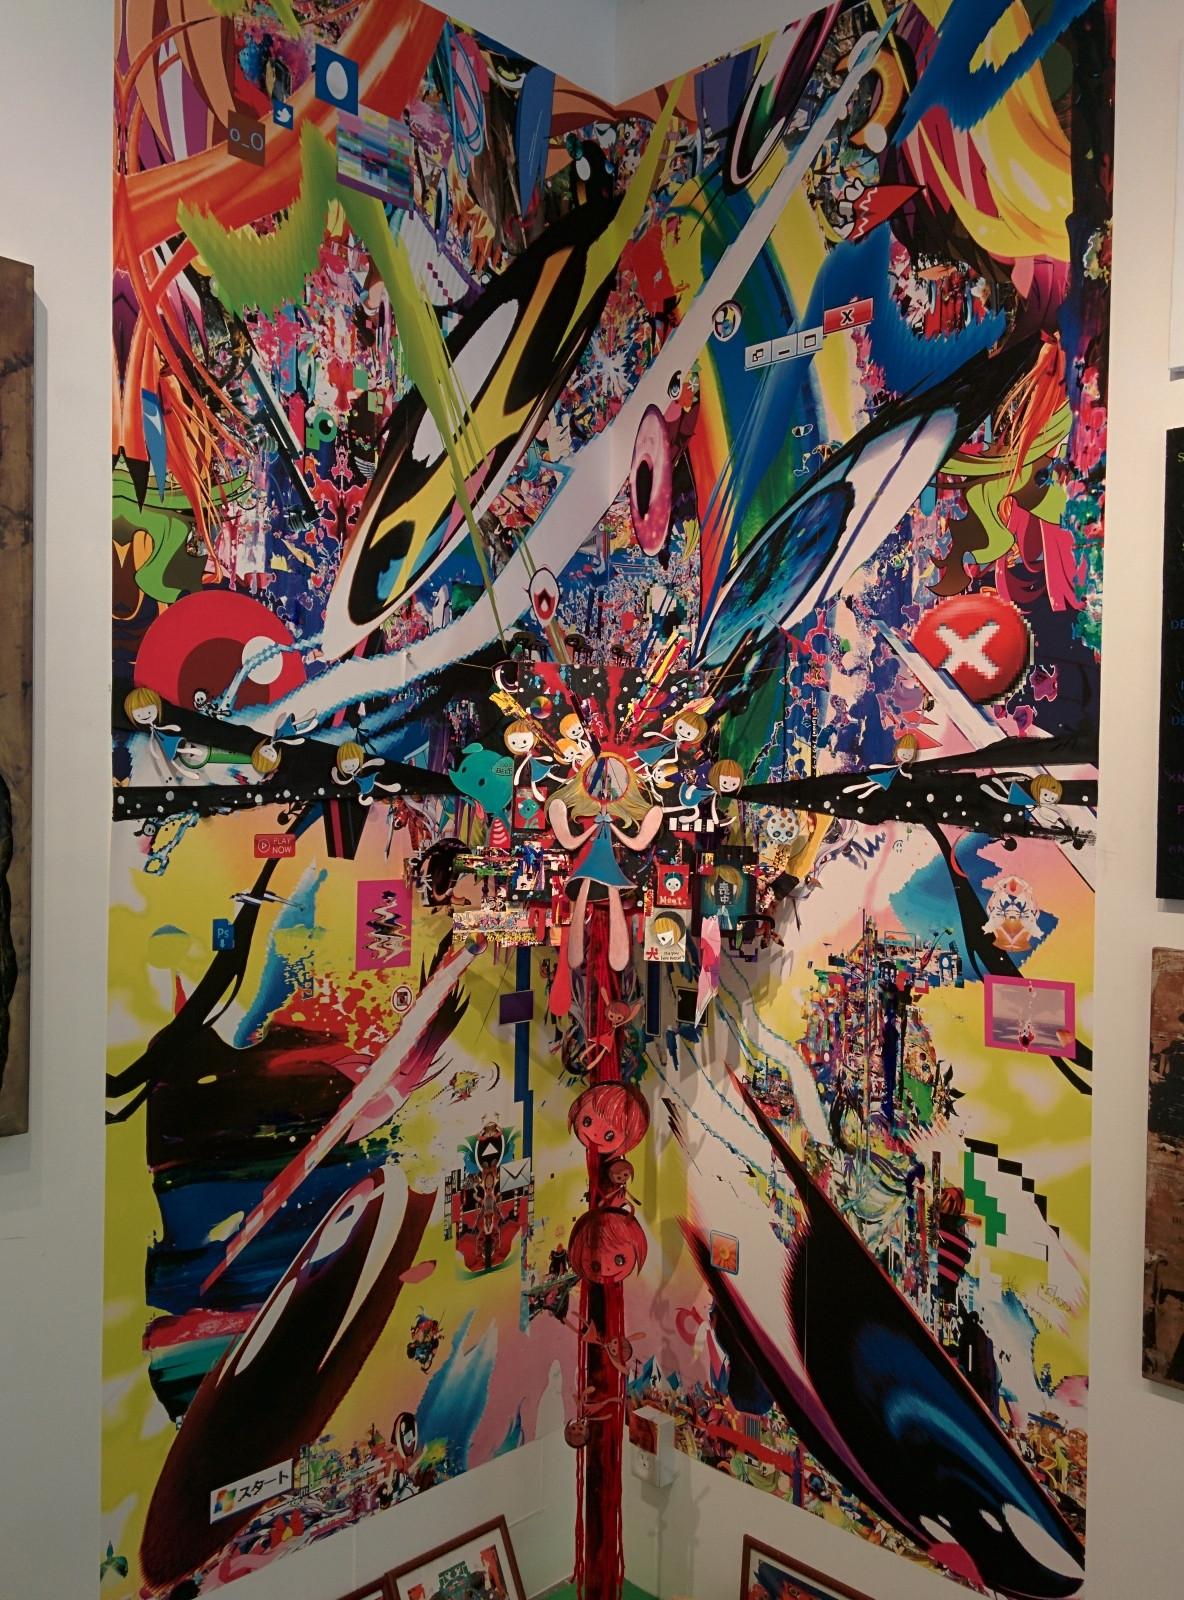 【まどかマギカ】渋谷PARCOの展示会に劇団イヌカレーさんの作品 ...